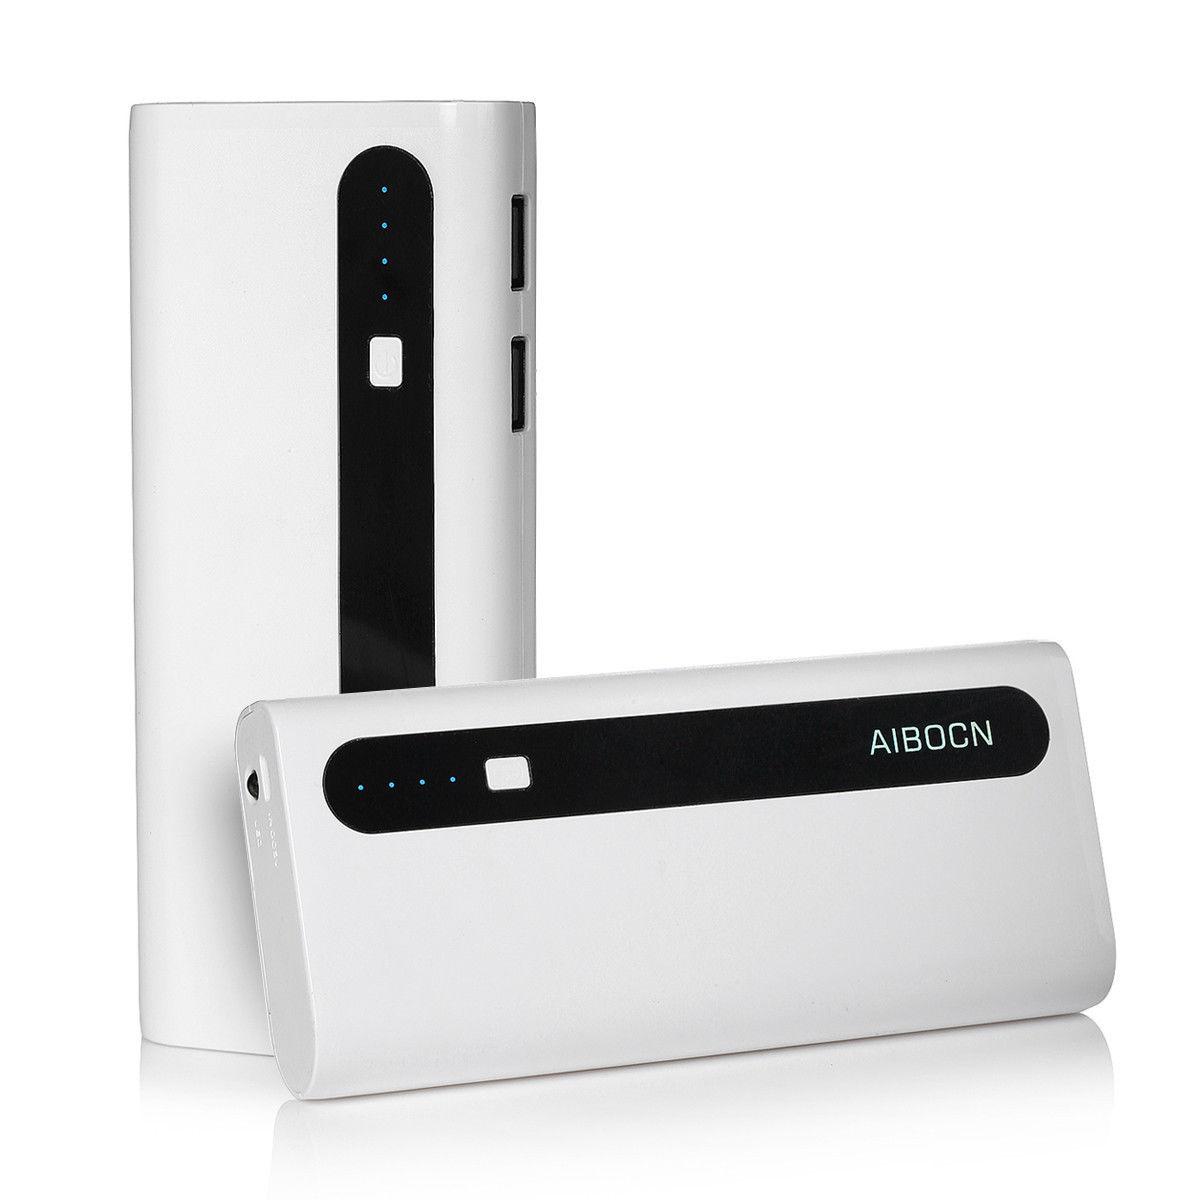 10000mAh AIBOCN Power Bank Dual USB Mobile Charger